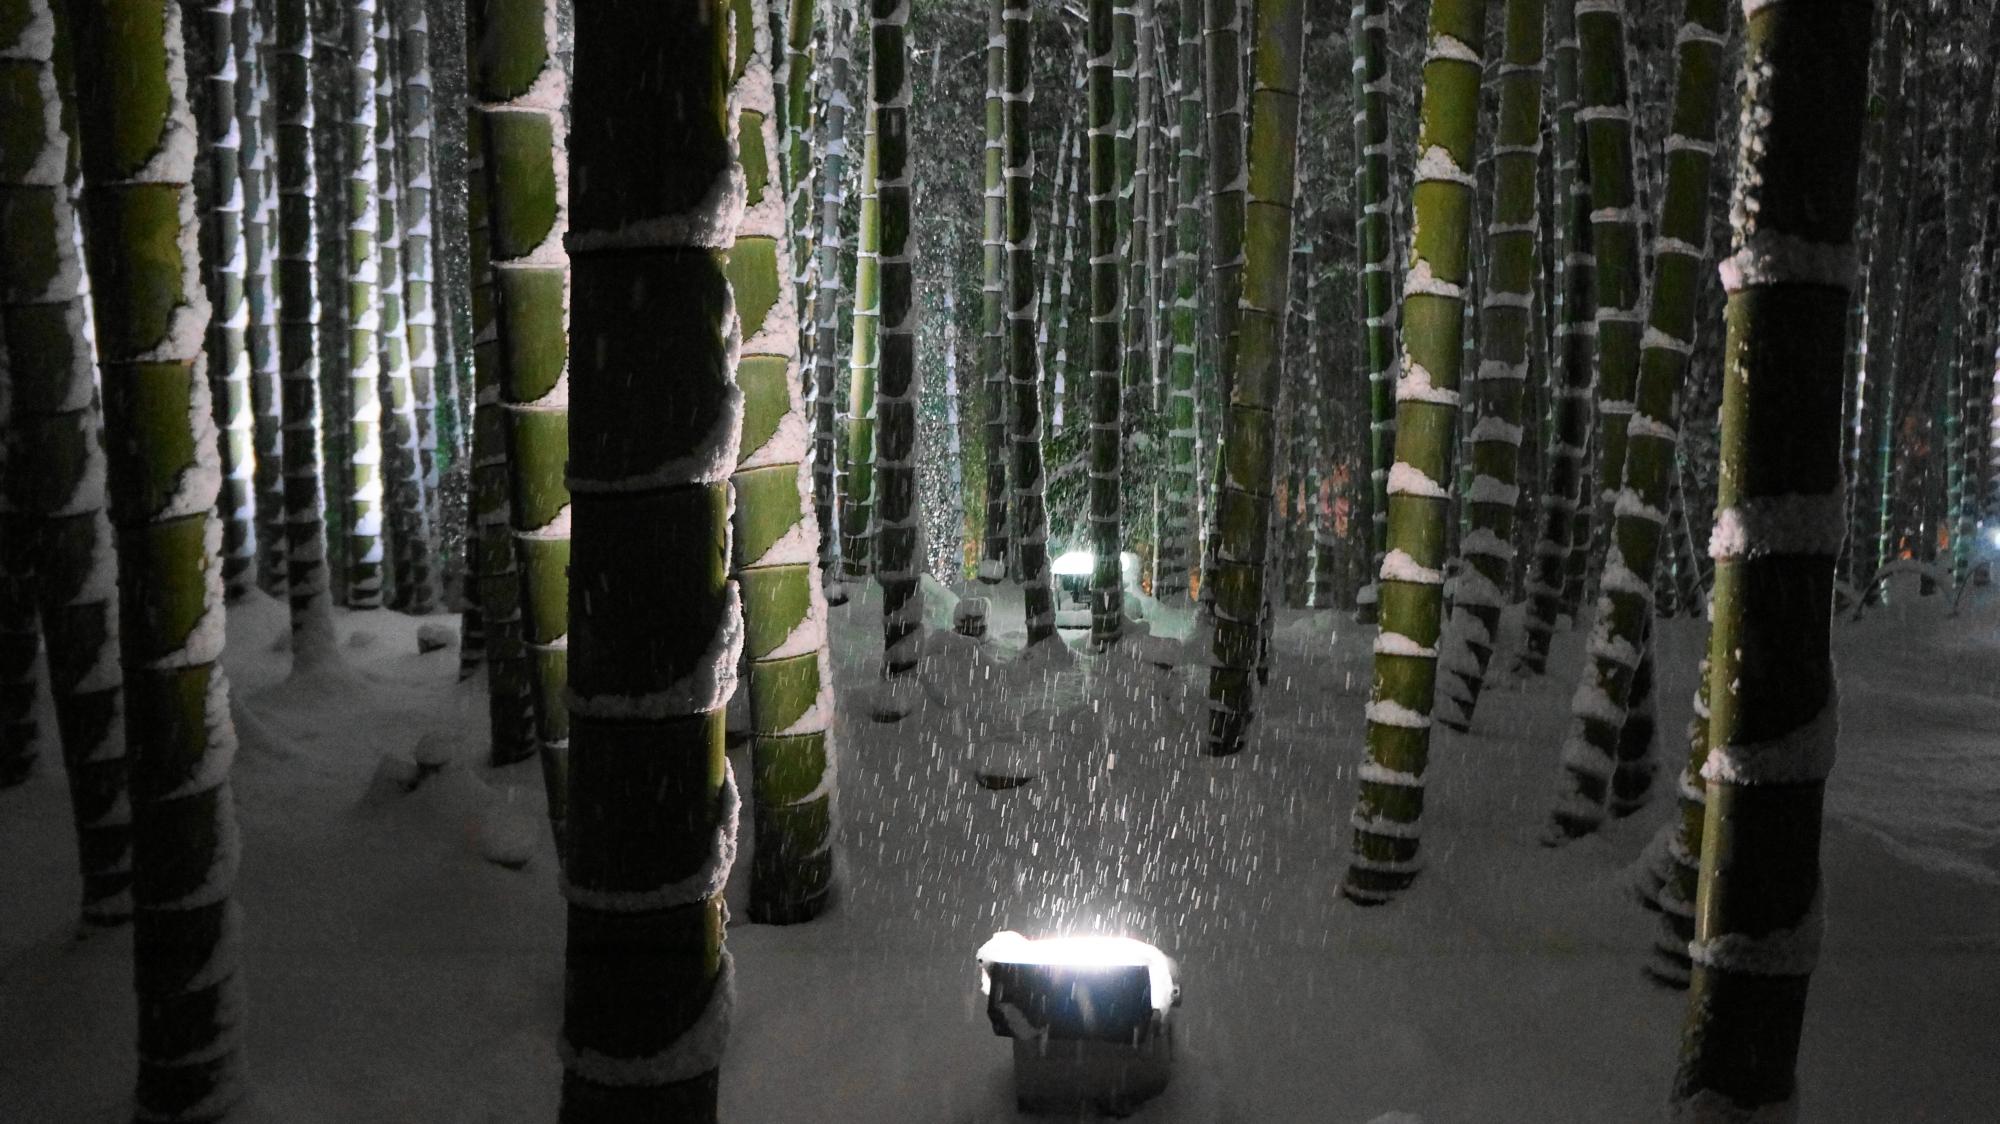 高台寺の圧巻の竹林の雪景色